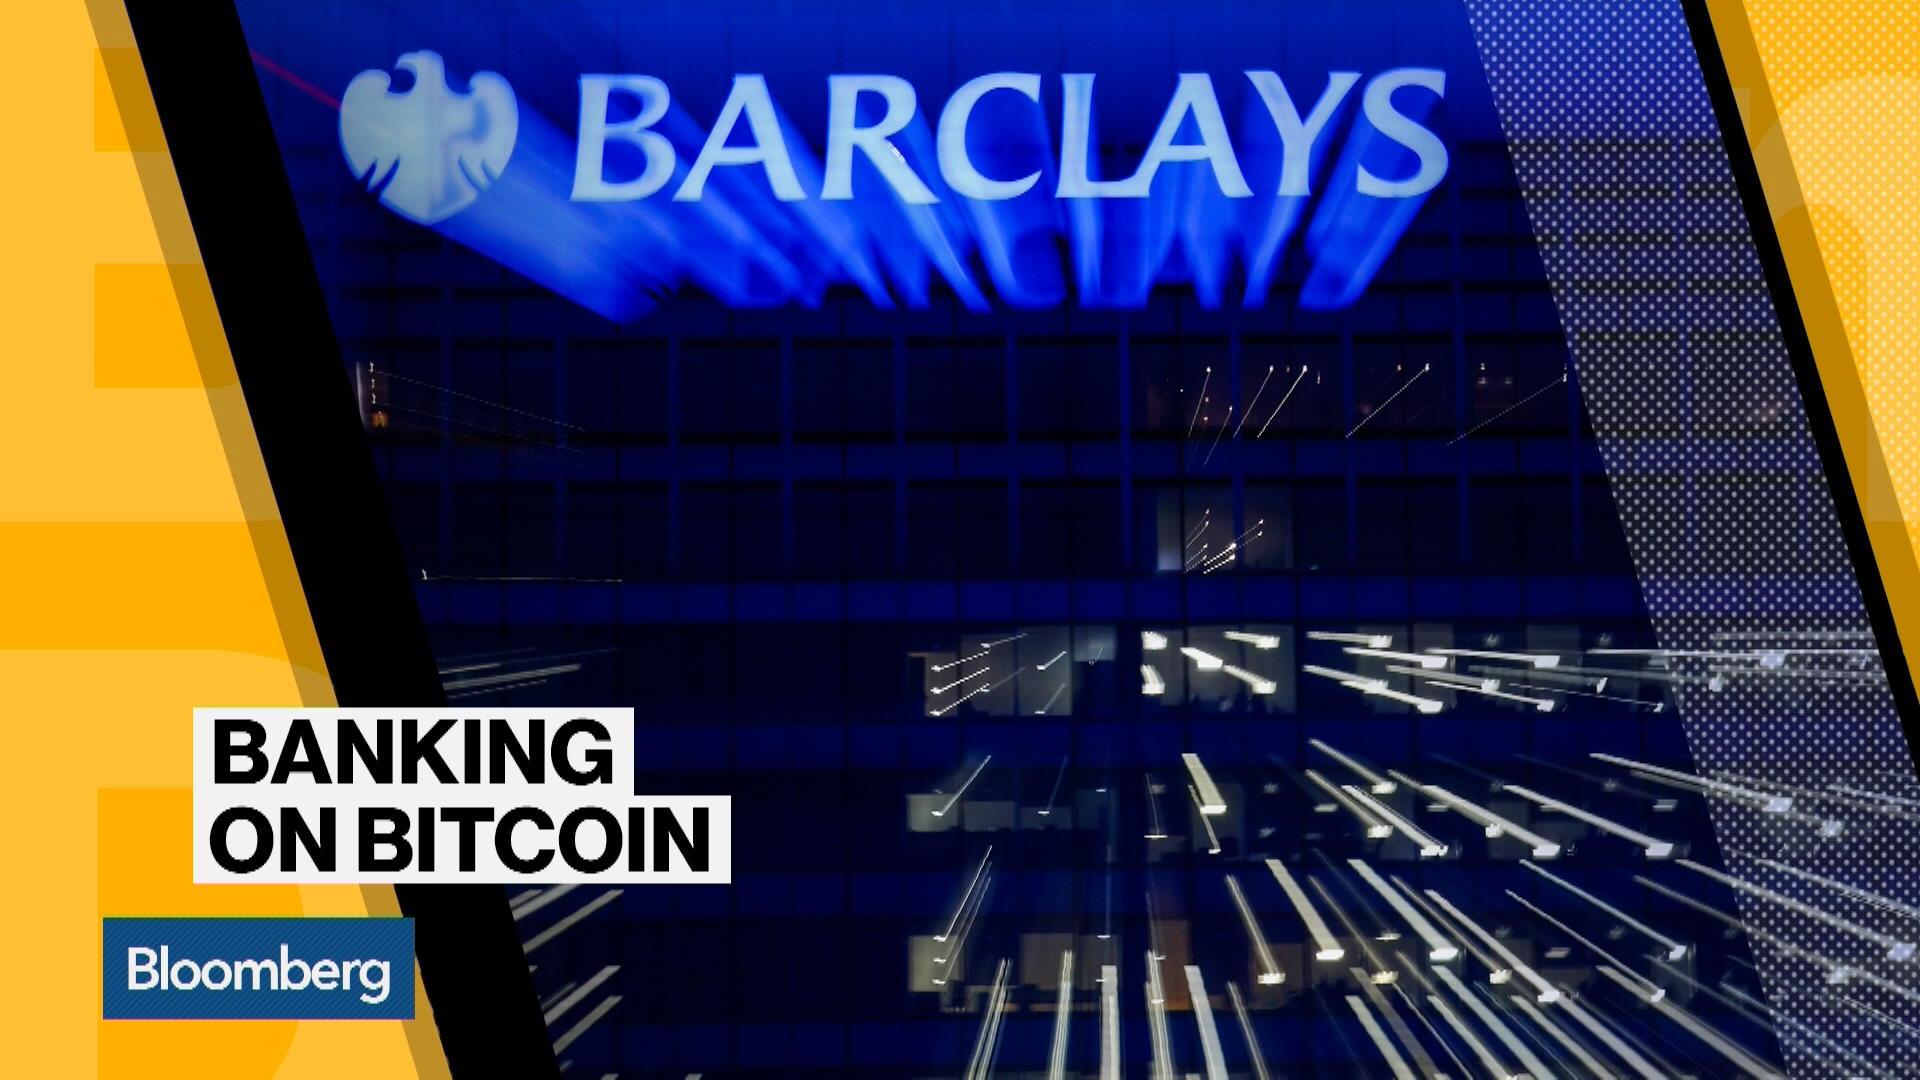 bitcoin trading barclays job lehetőségek a btc után